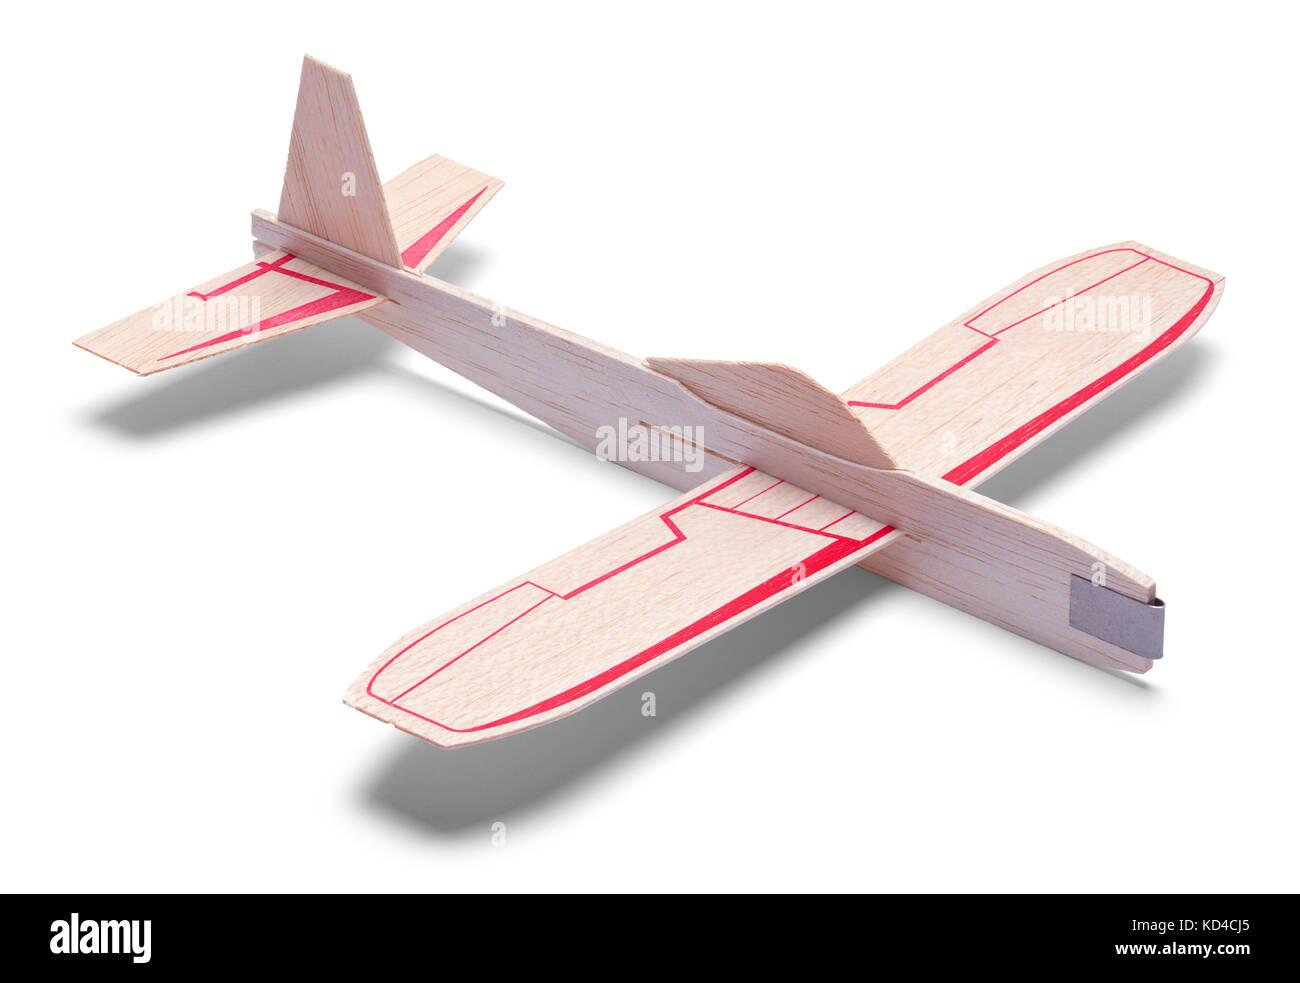 Kinder Spielzeug Flugzeug auf einem weißen Hintergrund. Stockbild